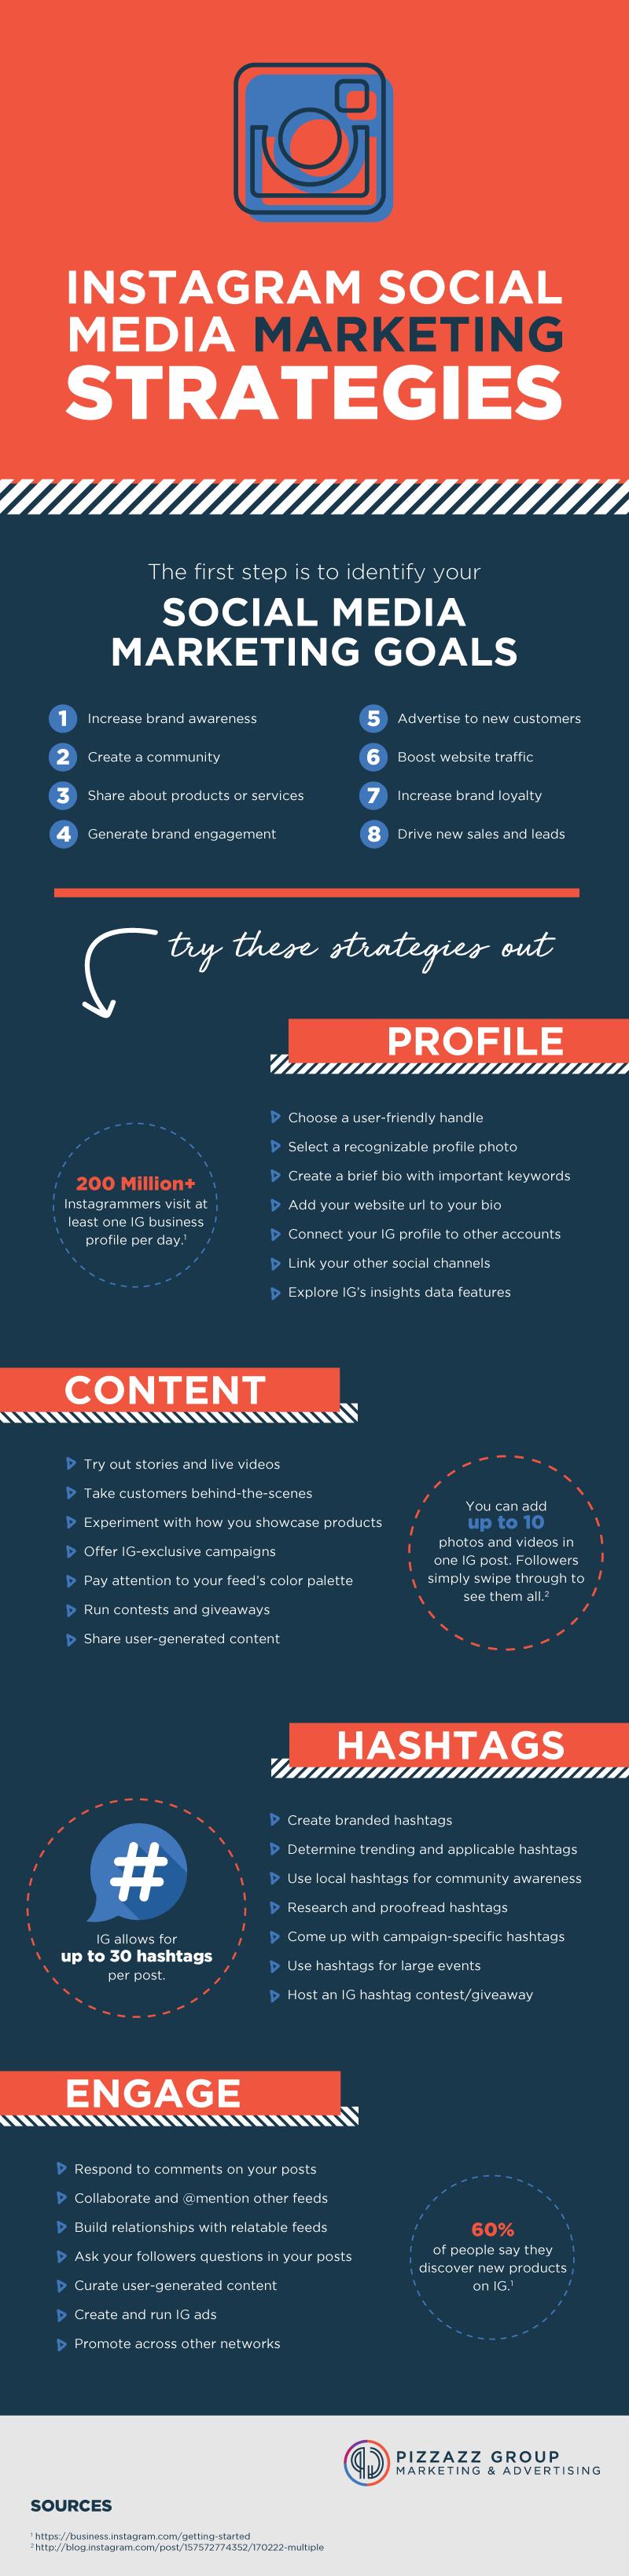 Hoe zet je als bedrijf Instagram effectief en strategisch in? De Pizzaz Group stelde deze infographic samen.